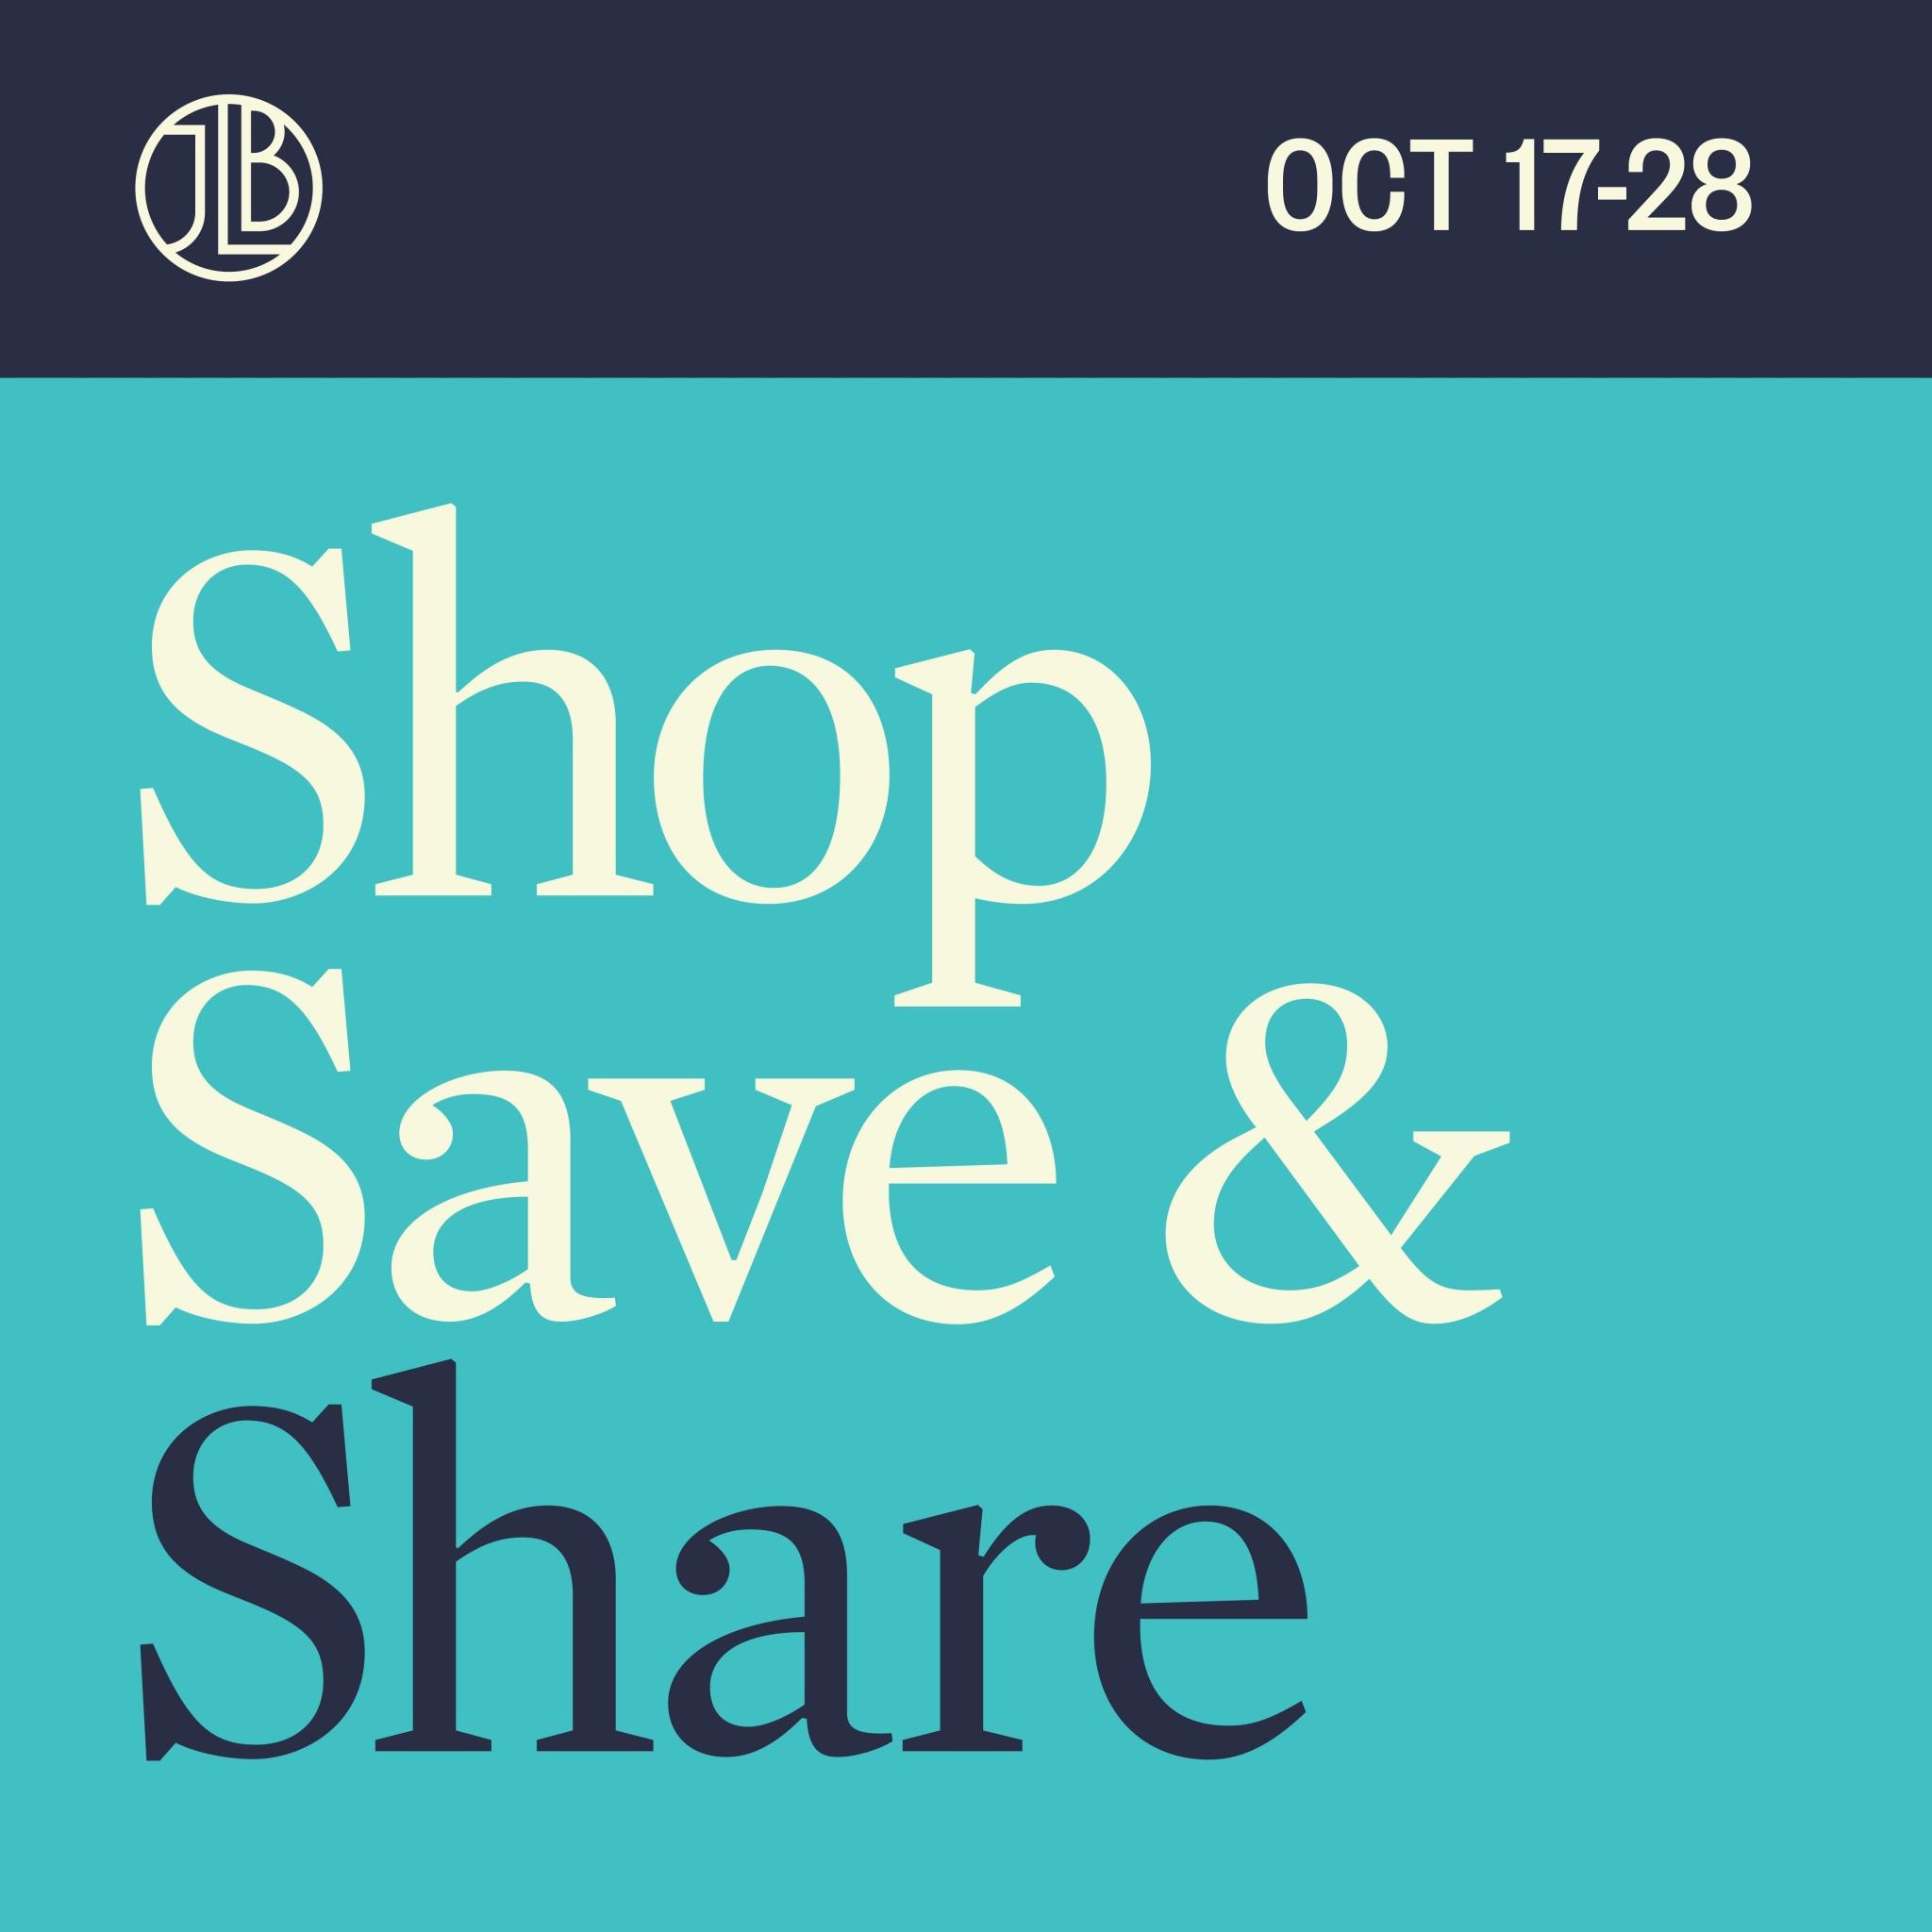 JLB-ShopSave&Share-SocialAssets-FNL-V2